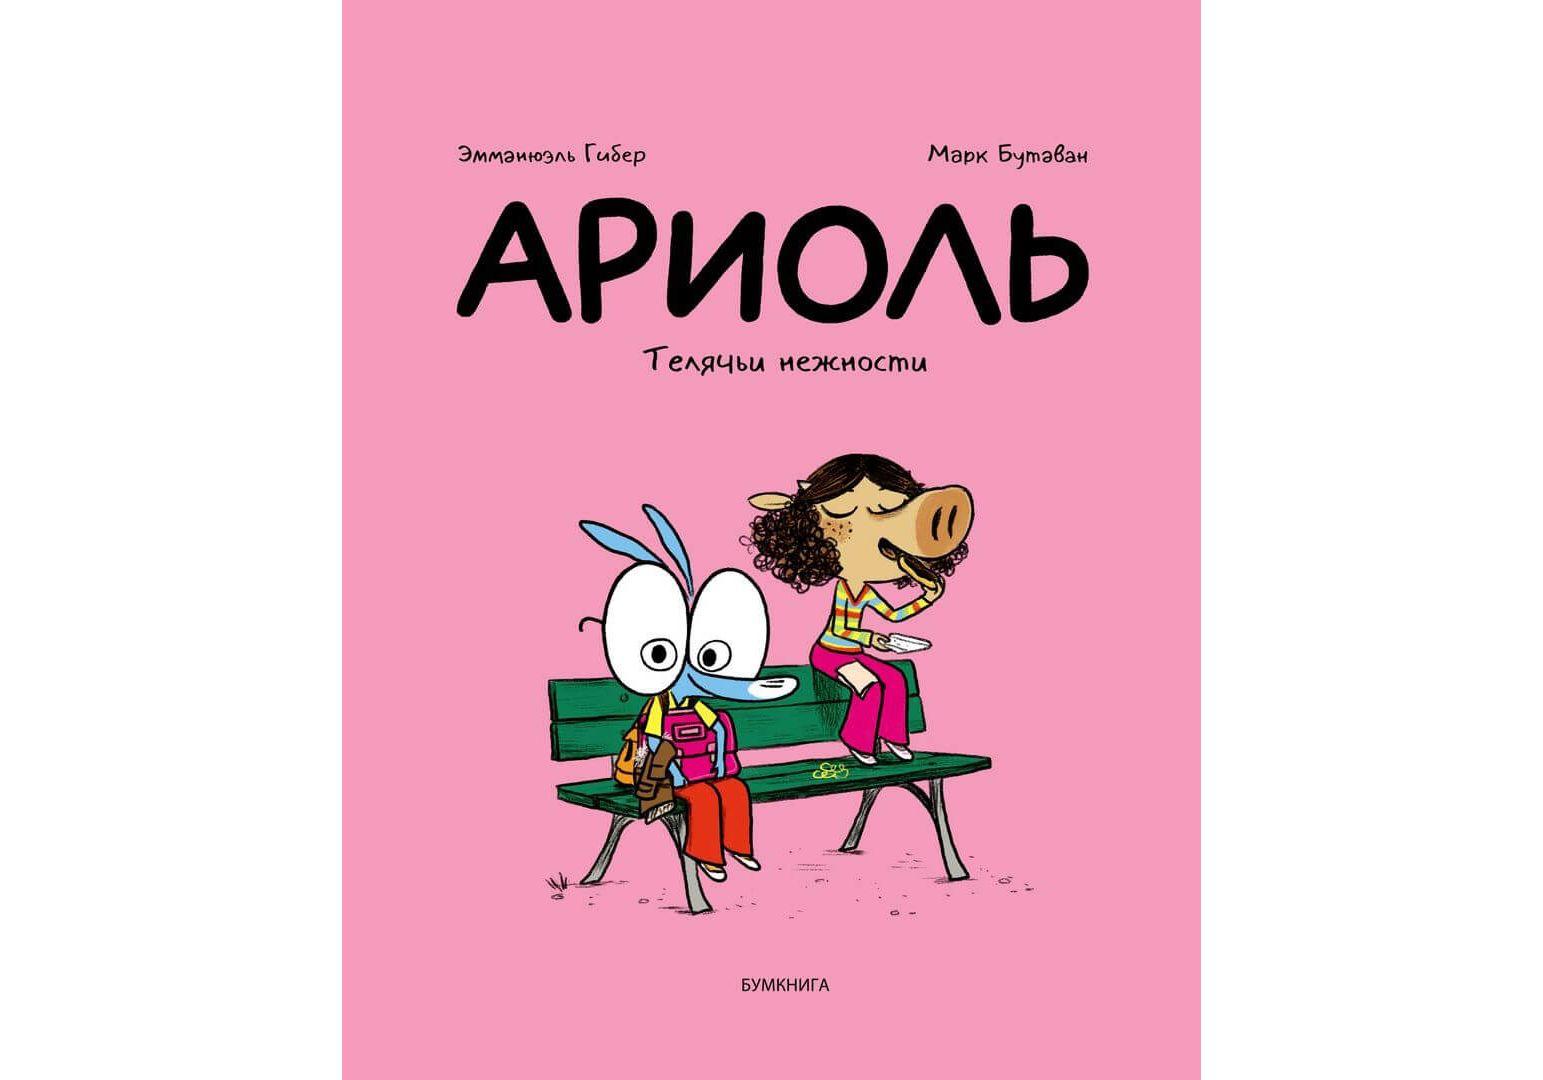 Комикс Ариоль, Телячьи нежности